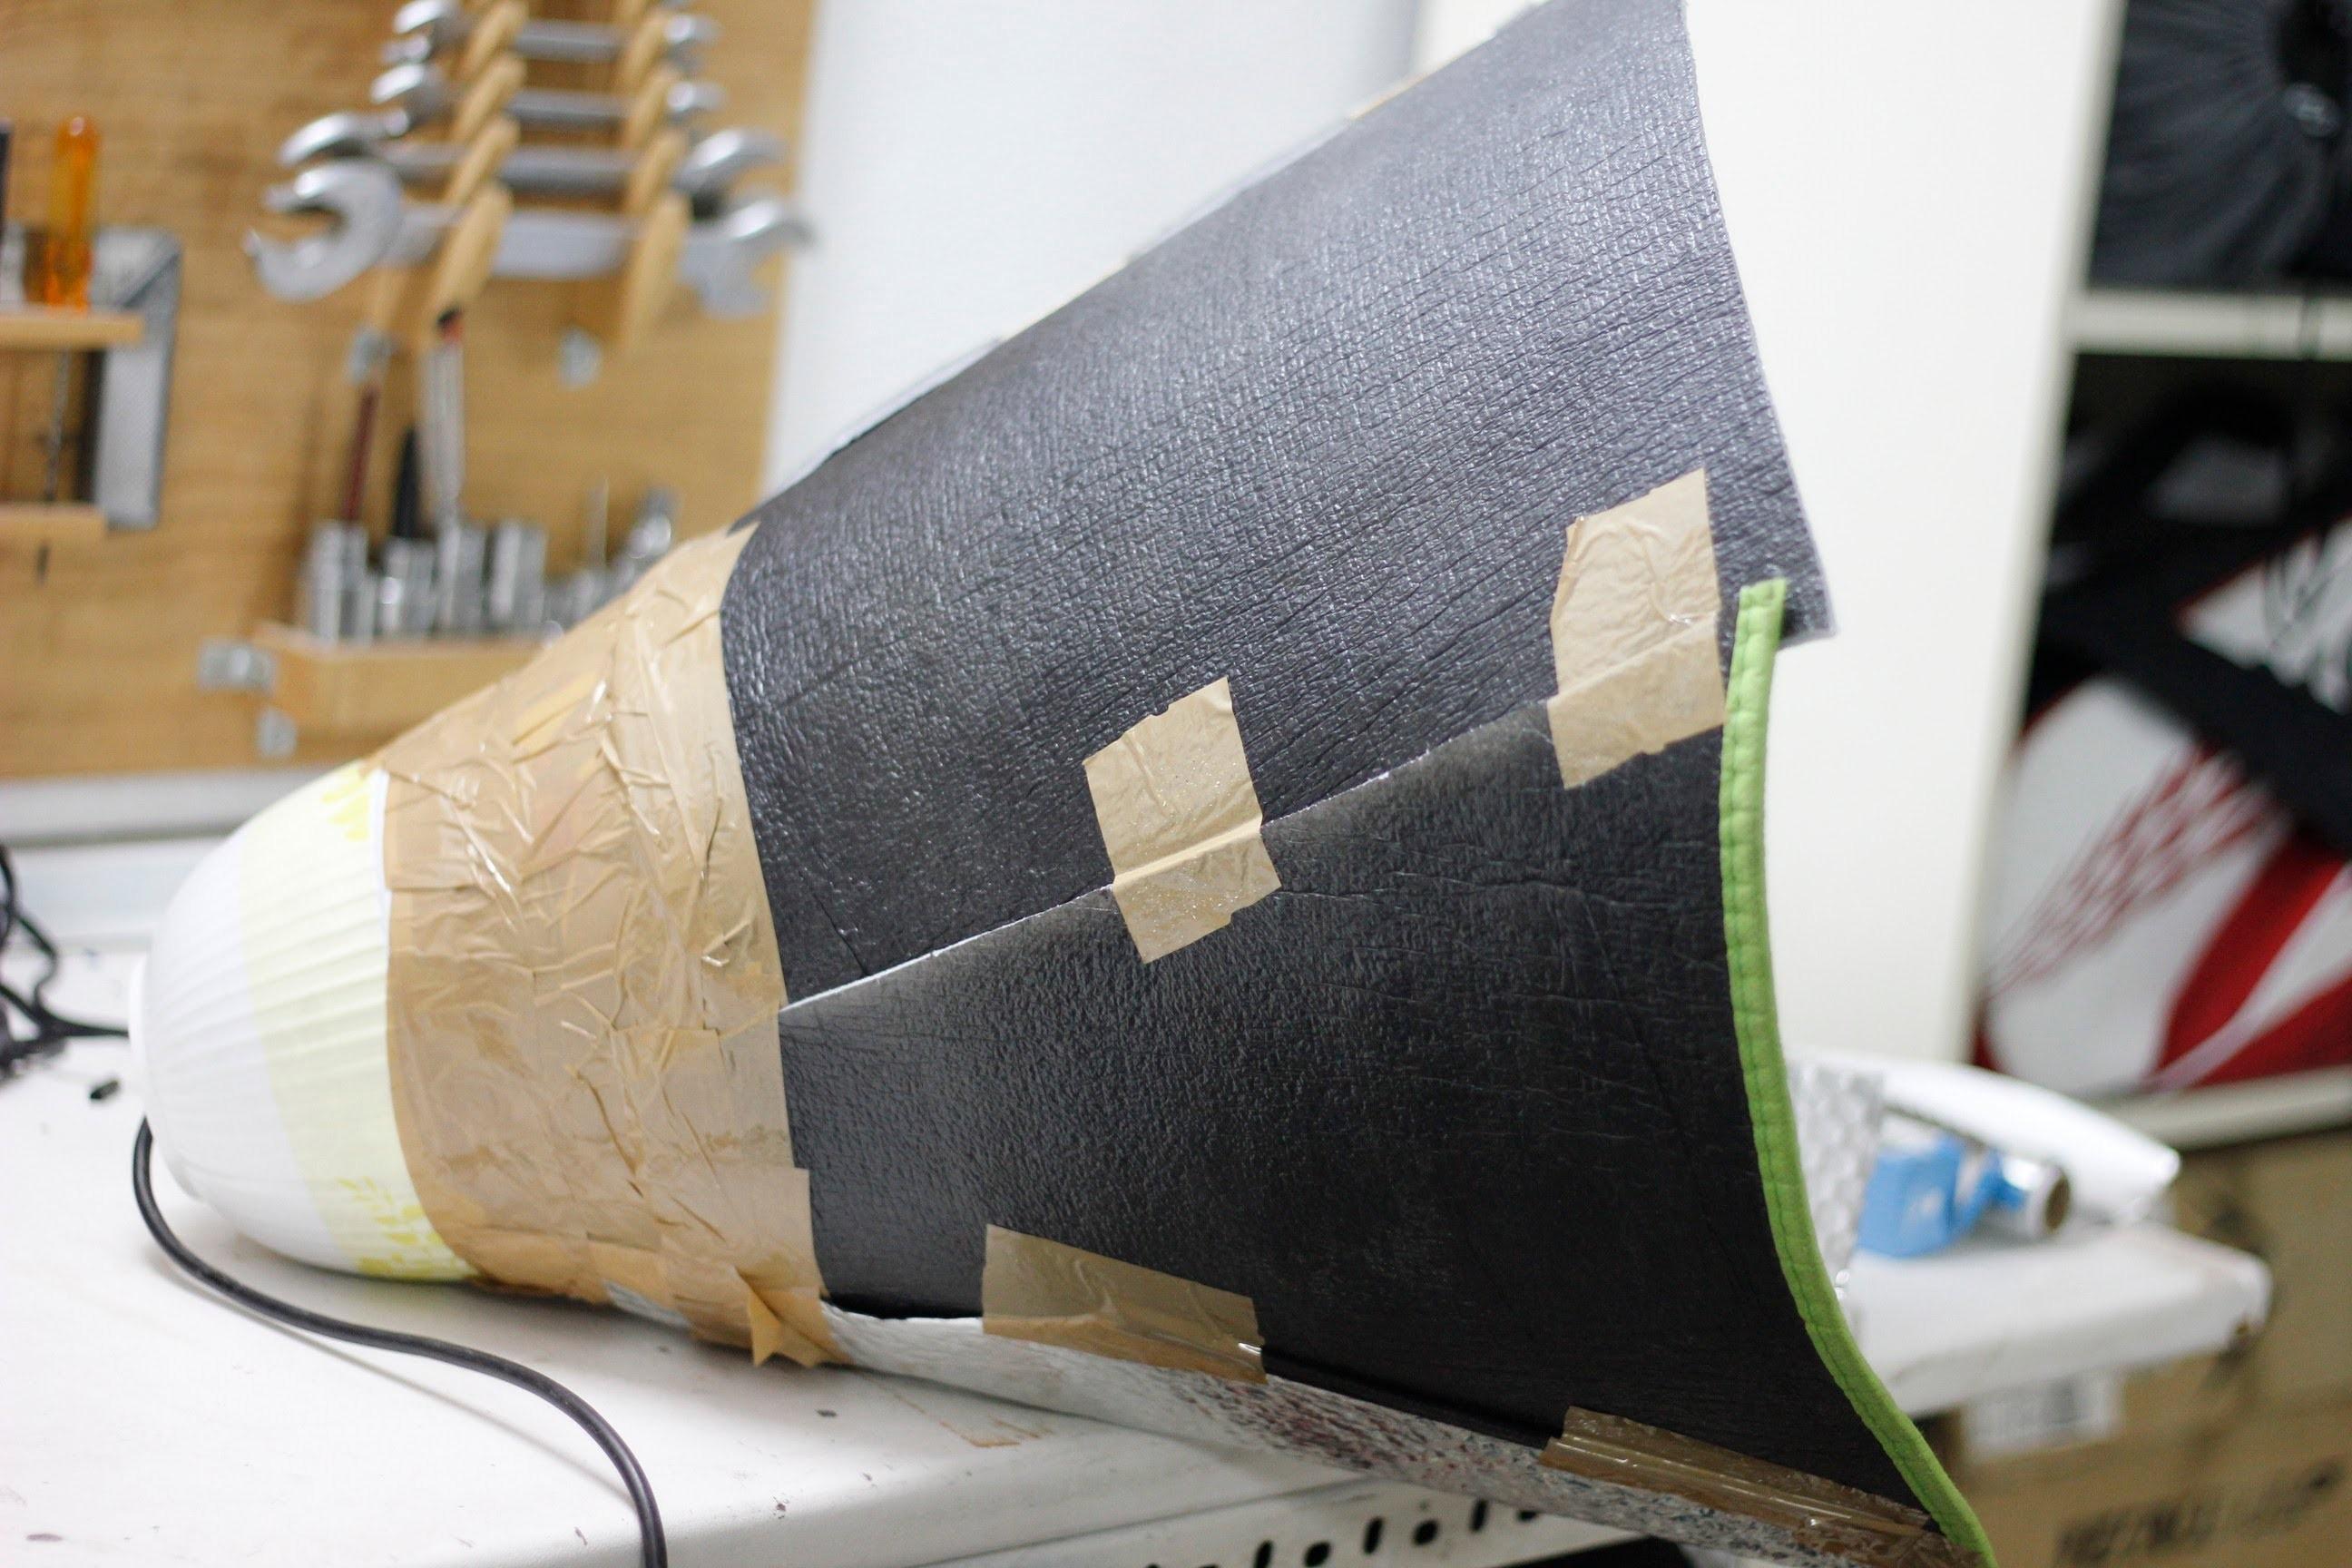 FOCO de iluminacion casero con una ensaladera para estudio fotografico fotografia low cost